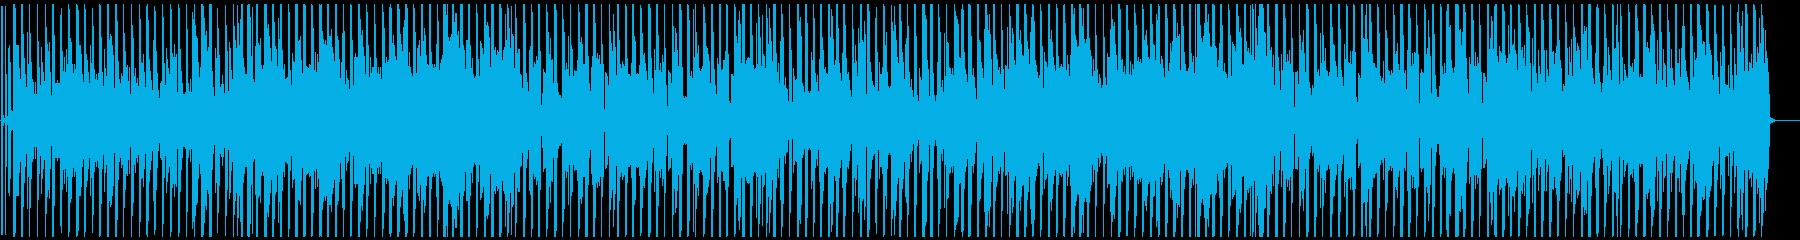 大人なSoul Jazz Funkの再生済みの波形